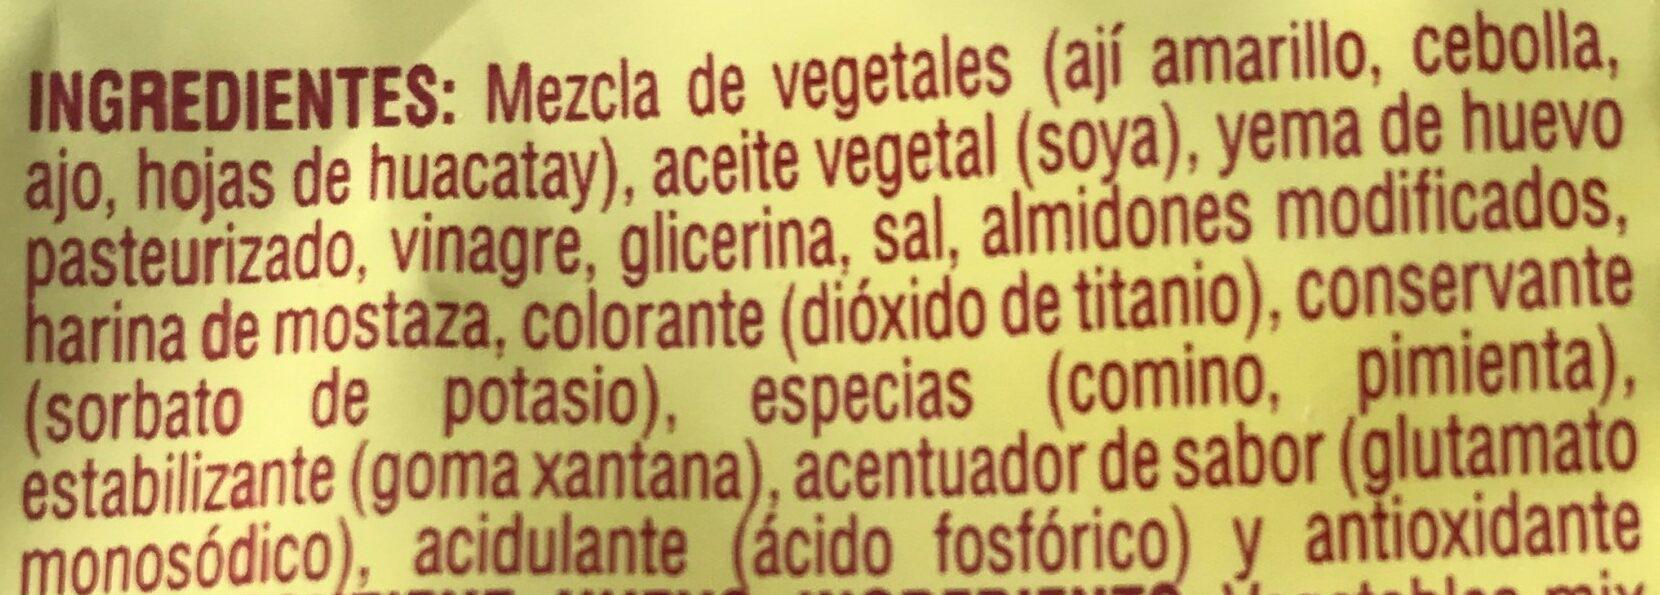 Crema de aji - Ingredients - es